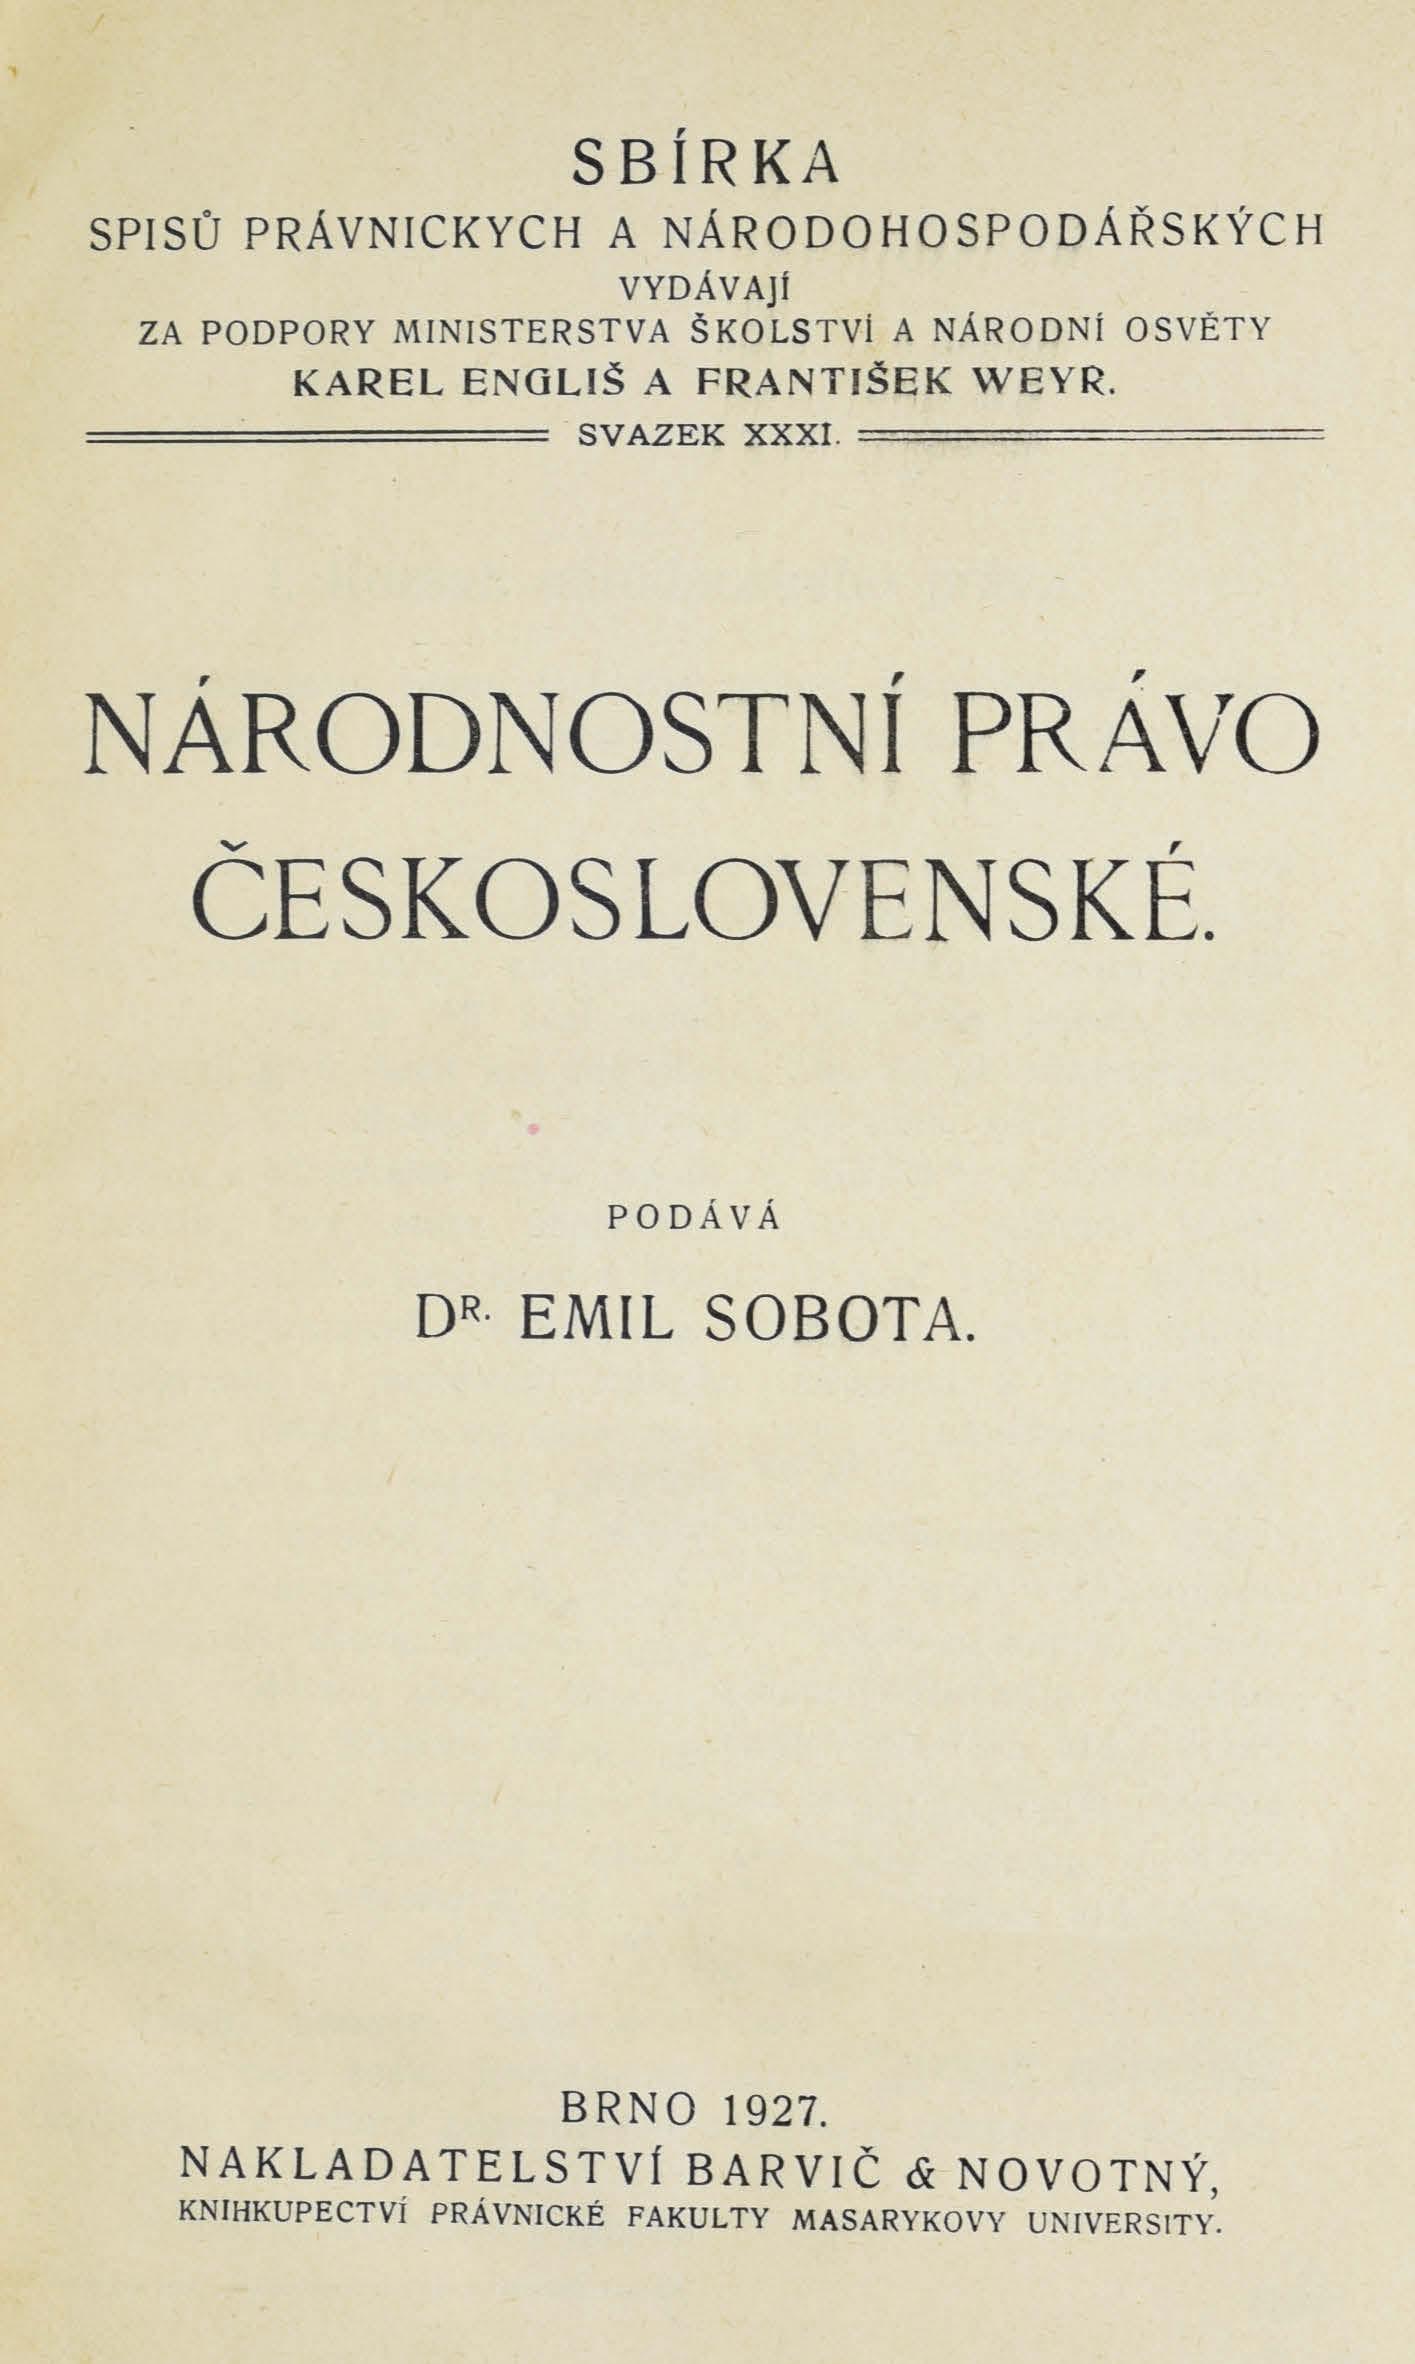 Obálka pro Národnostní právo československé